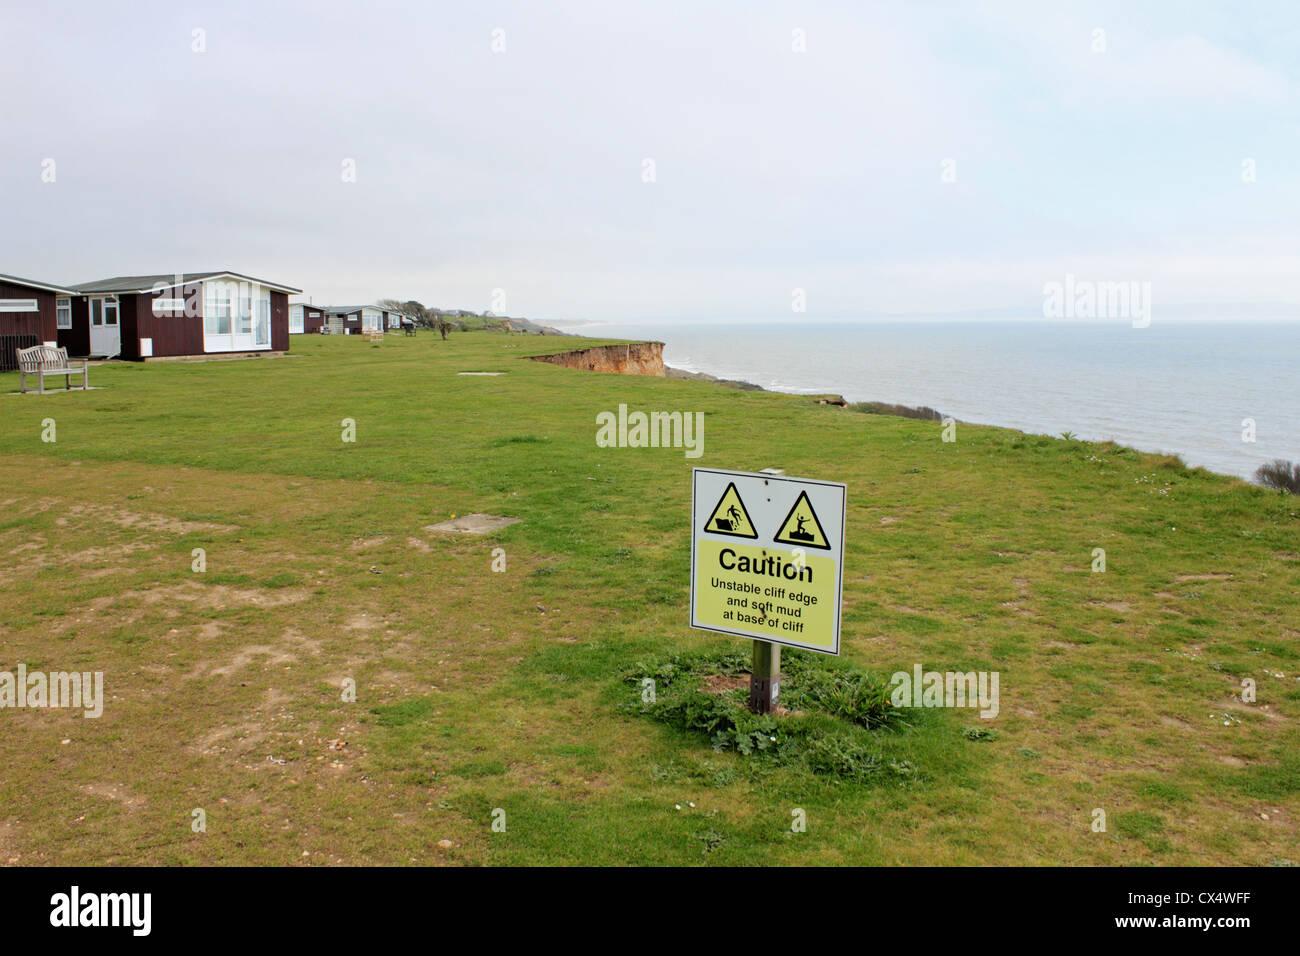 Cliff Erosion zwischen Barton am Meer und zuvorkommend, Dorset, England UK Stockfoto